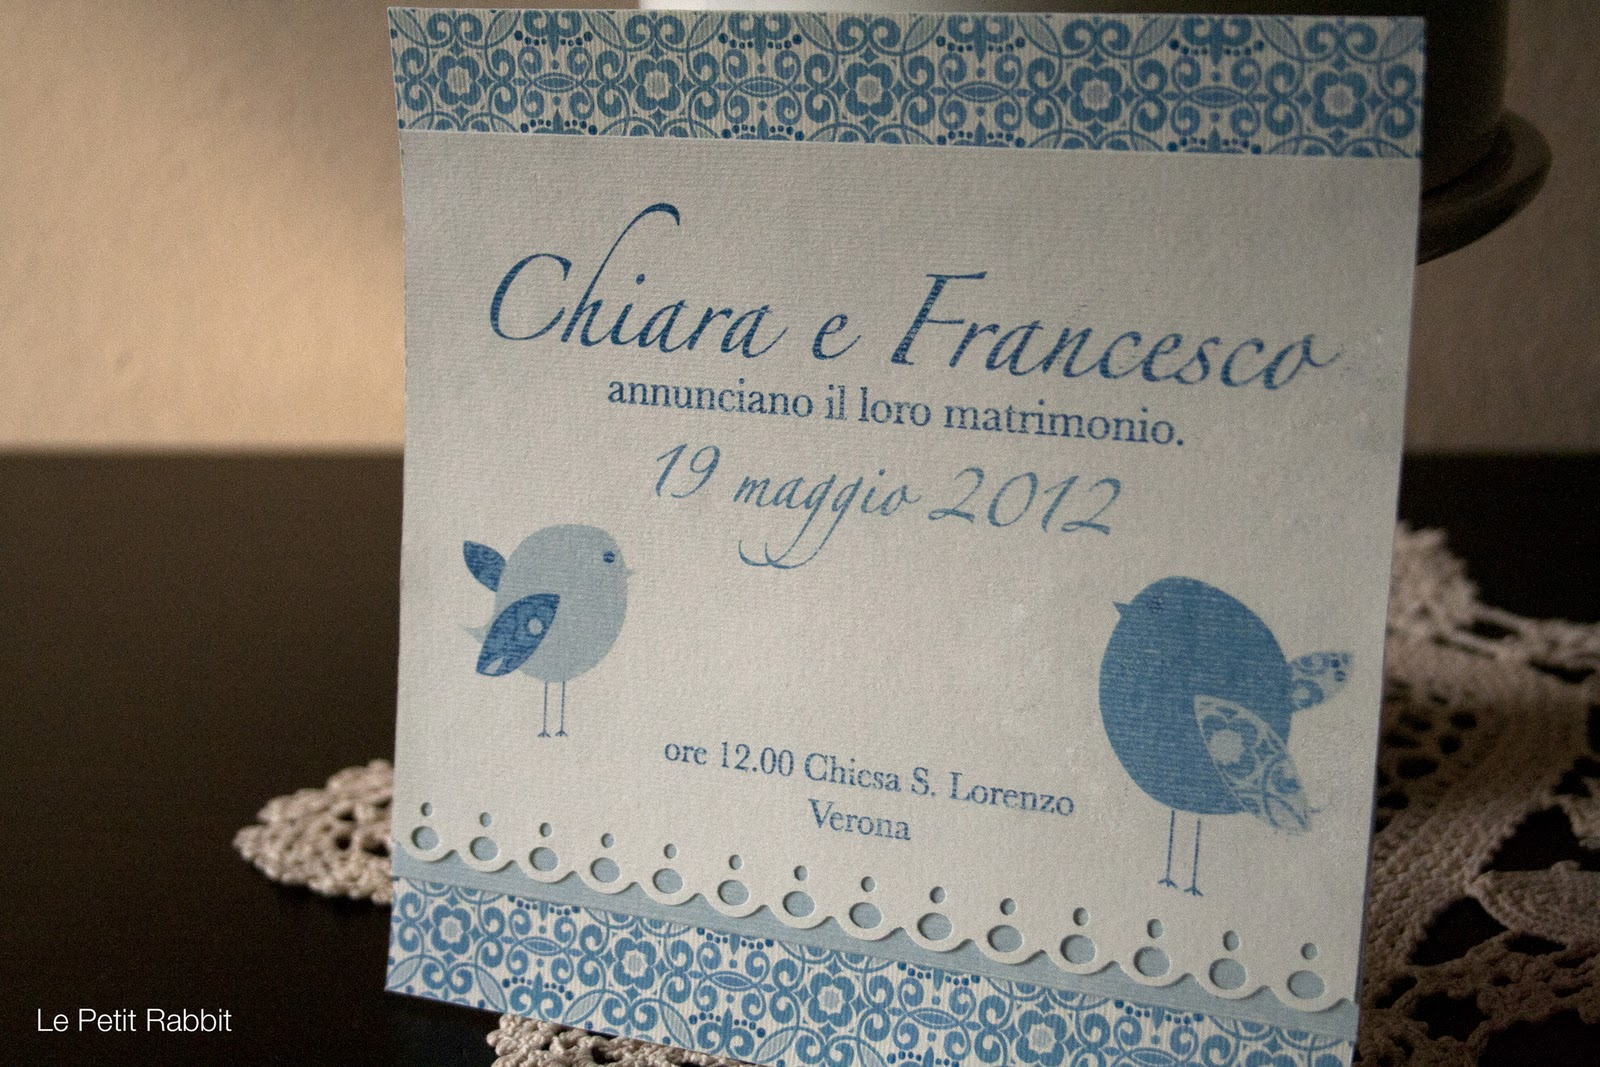 Partecipazioni Matrimonio Azzurro Polvere : Wedding invitation in blue le petit rabbit